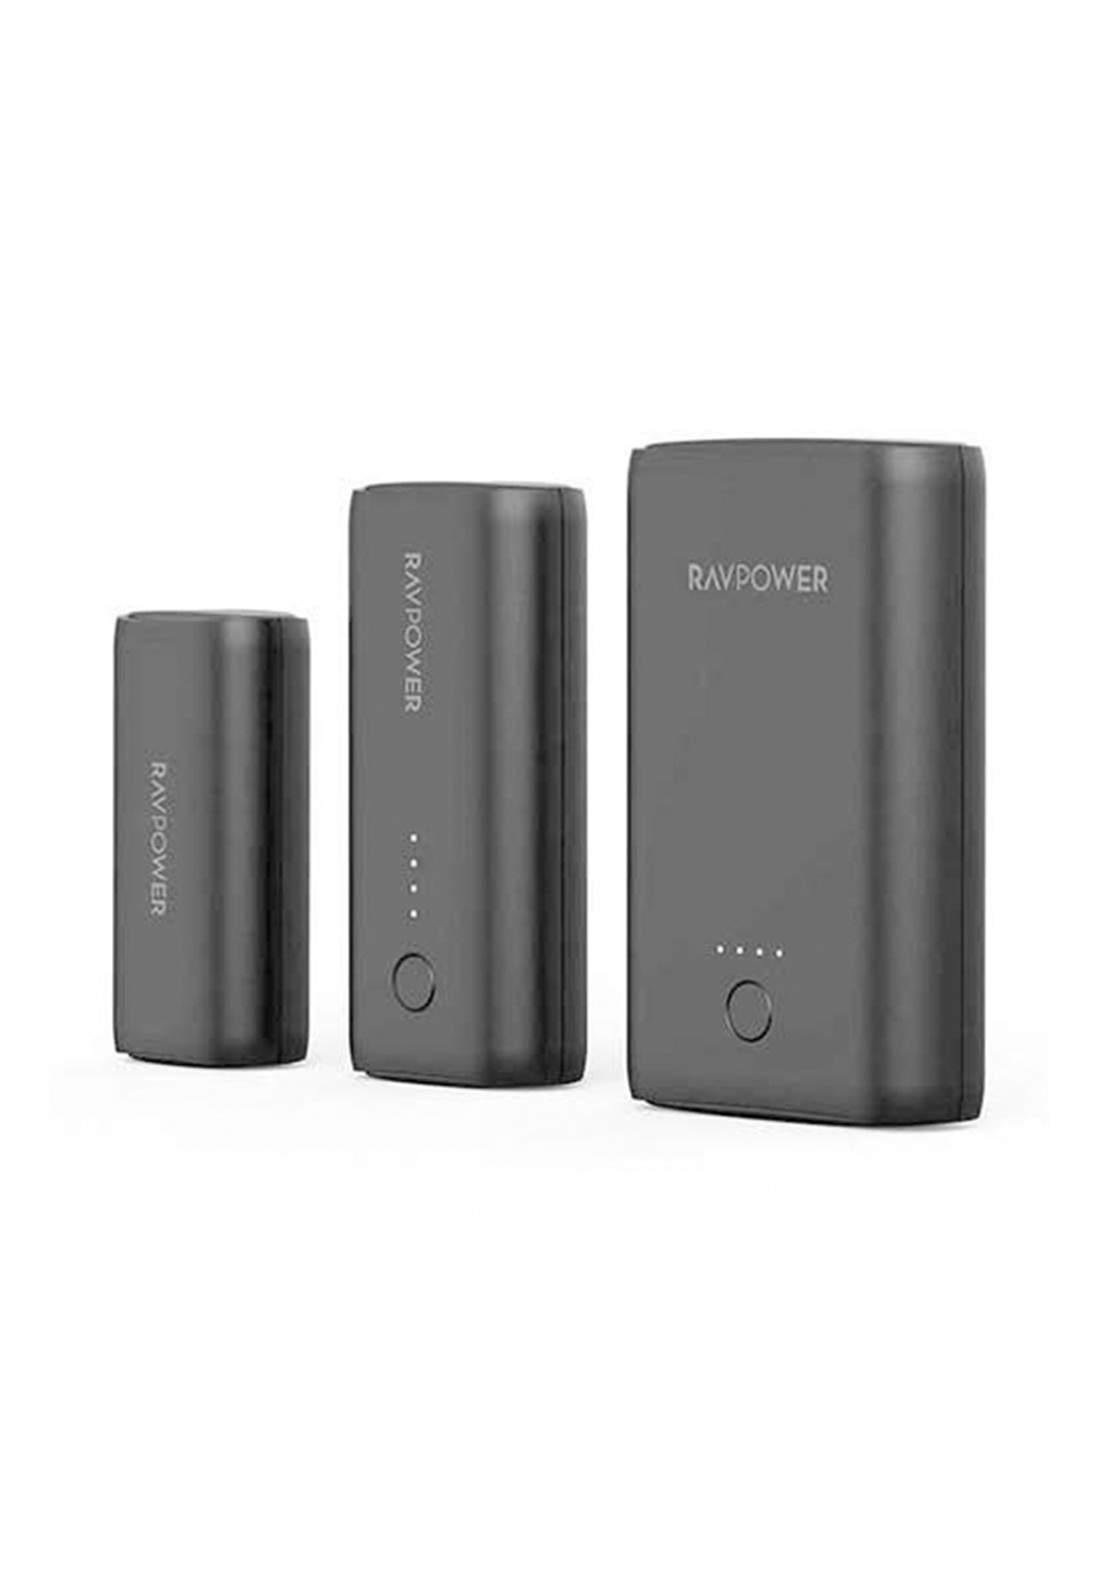 Rav Power 3 Pack Portable Charger 3350mAh, 6700mAh, 10050mAh- Black